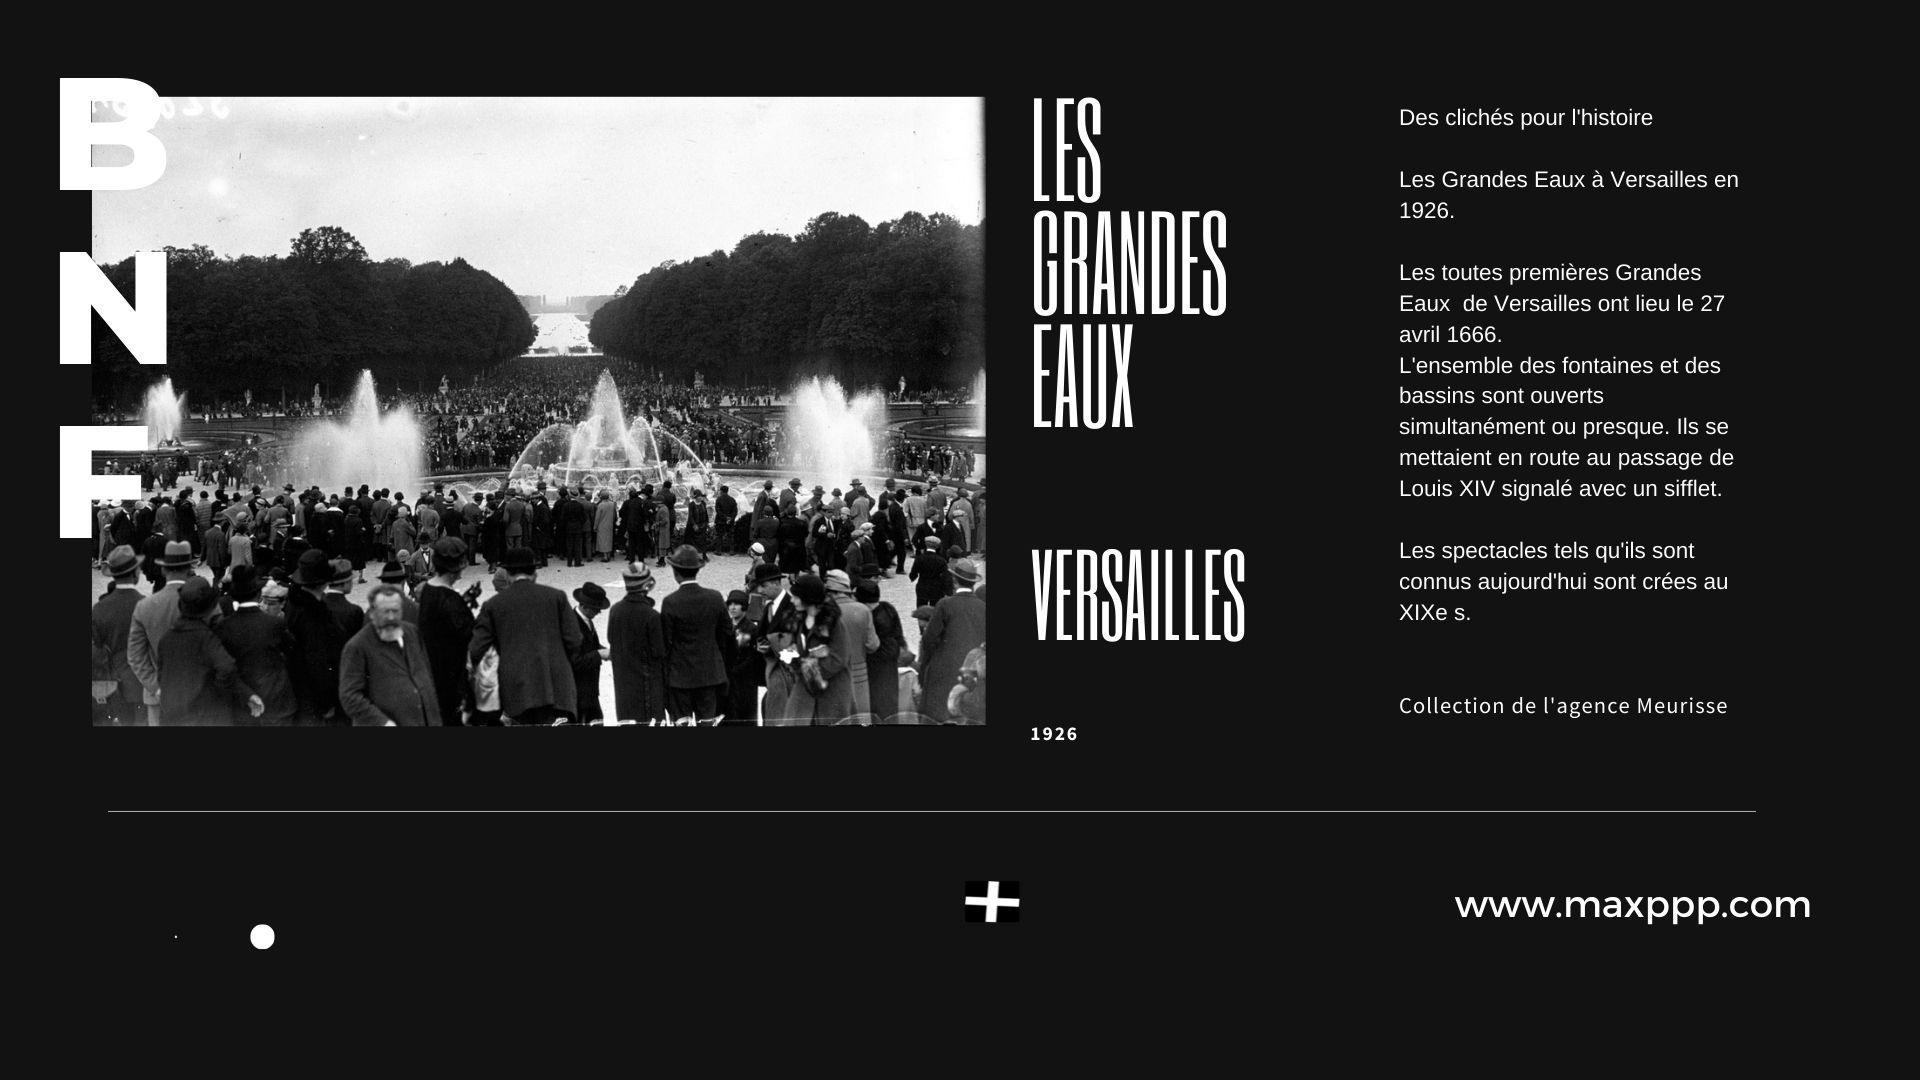 Les Grandes Eaux à Versailles en 1926